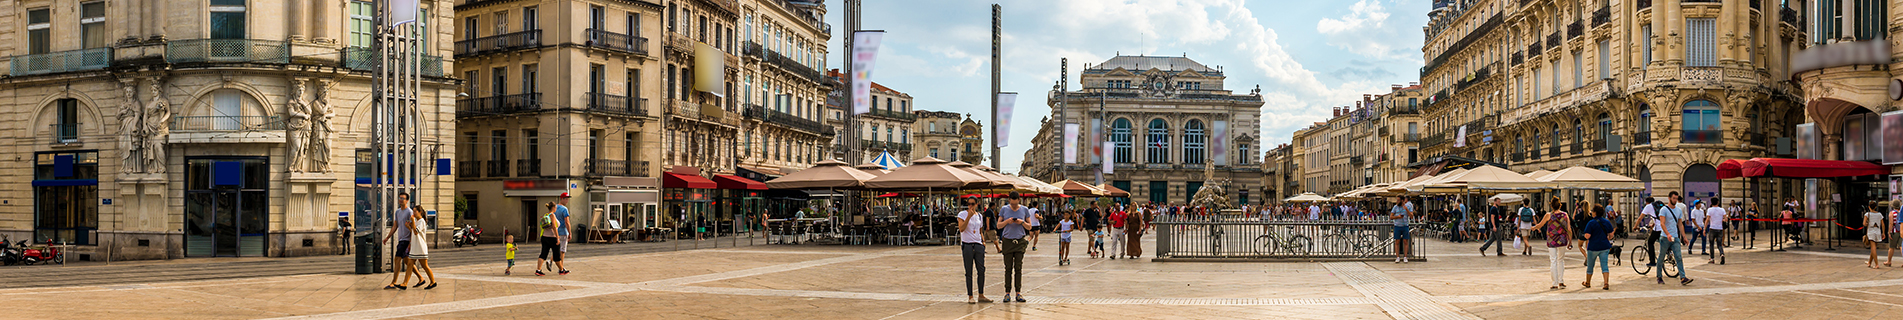 Montpellier_163886043